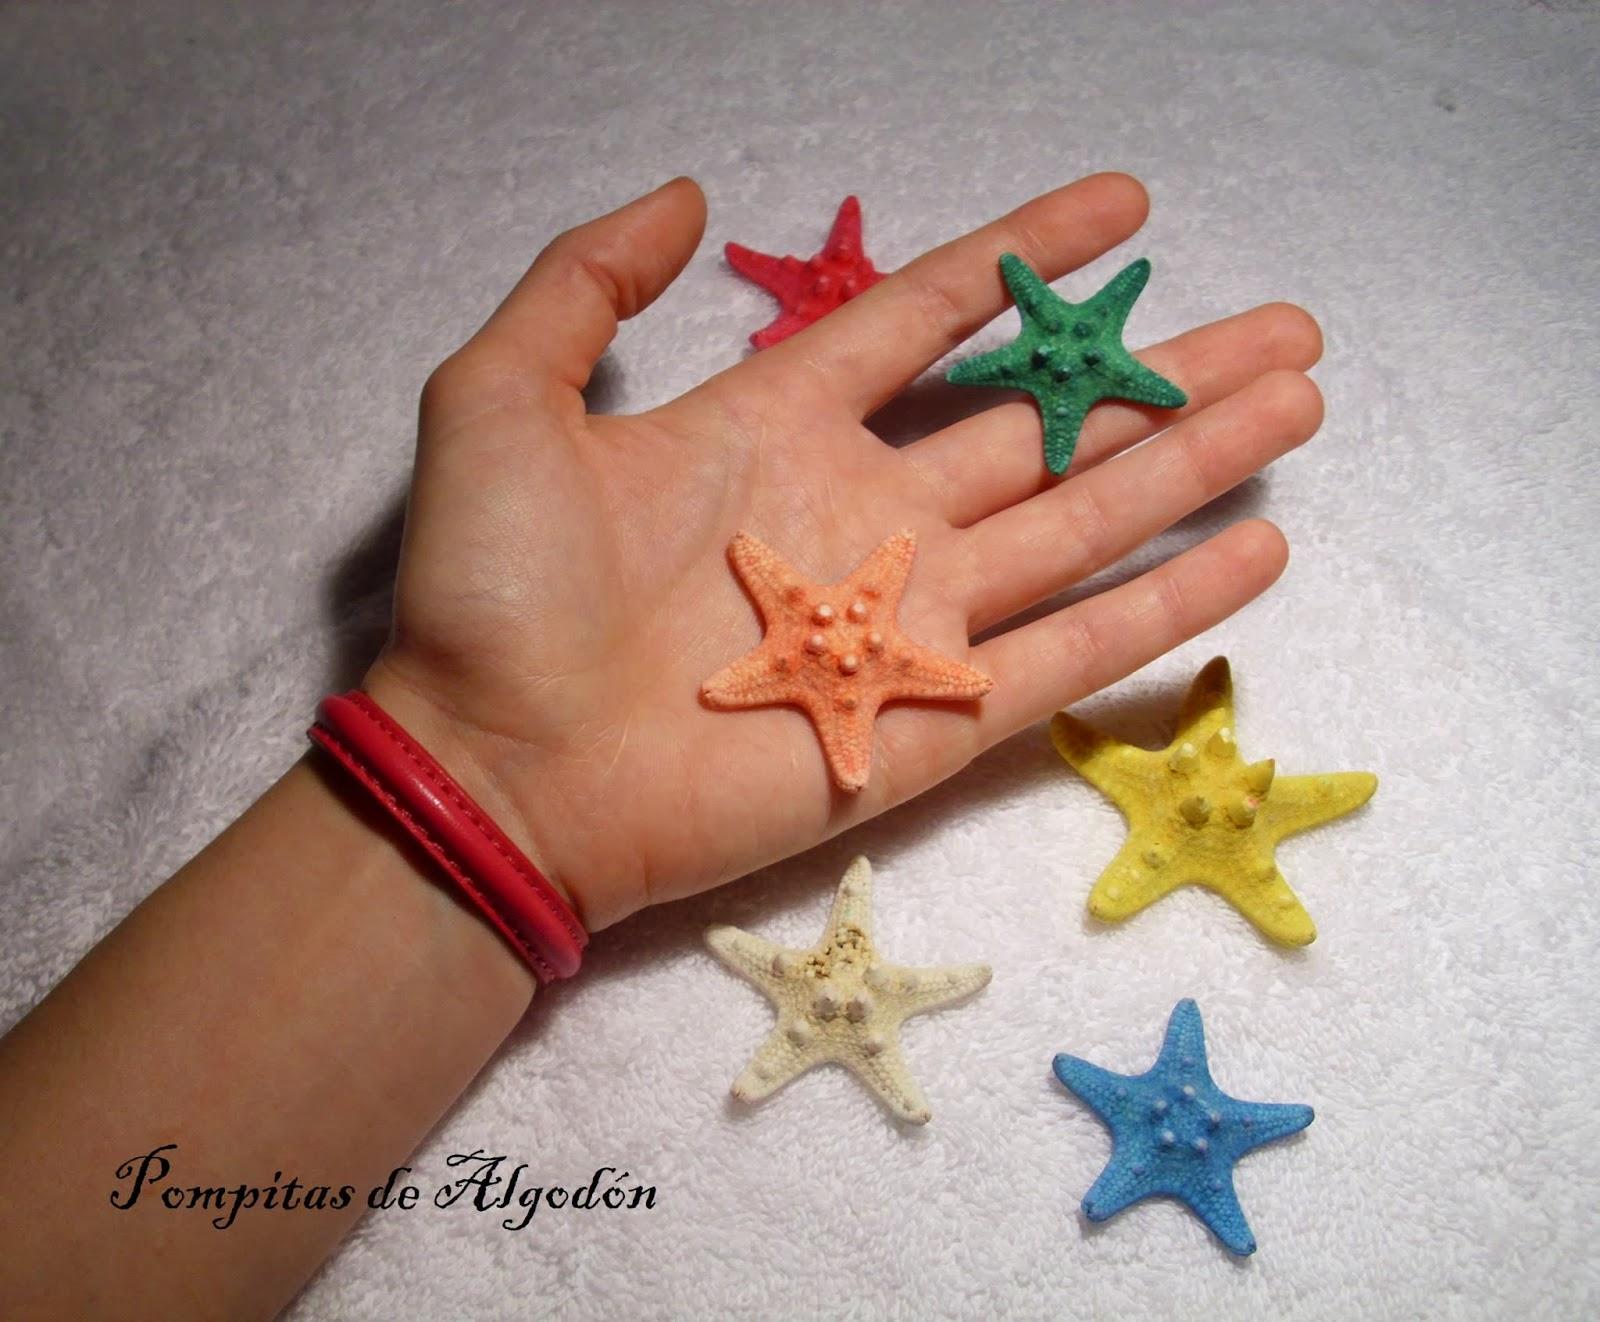 la segunda es una pulsera de cuero en principio es para chico pero puede ser unisex la verdad es que me gusta porque es sencilla